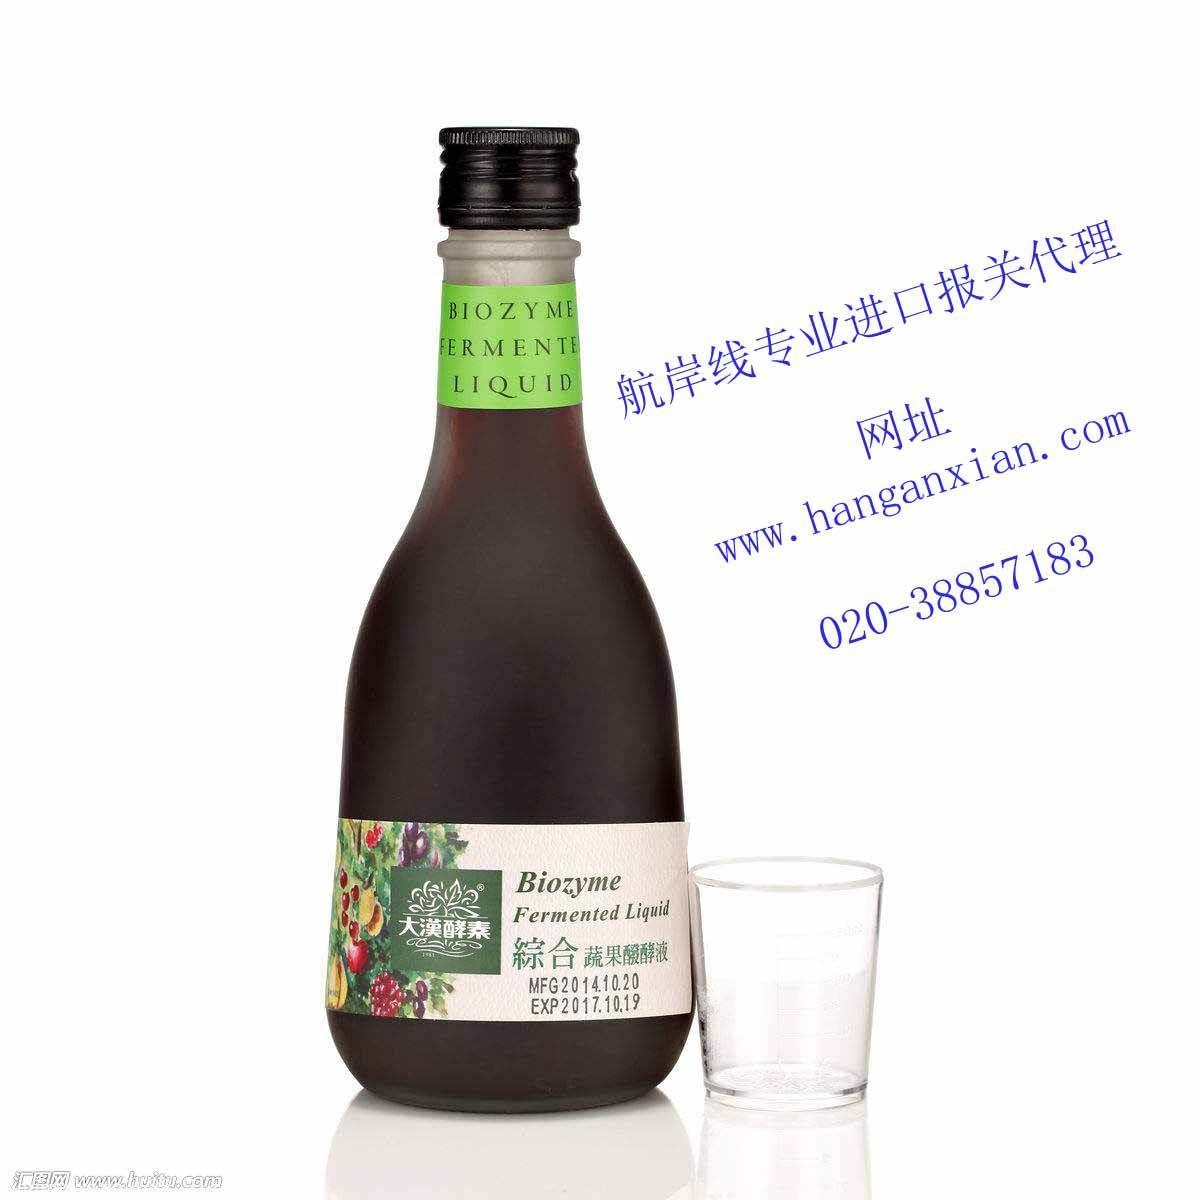 台湾酵素报关 台湾酵素清关